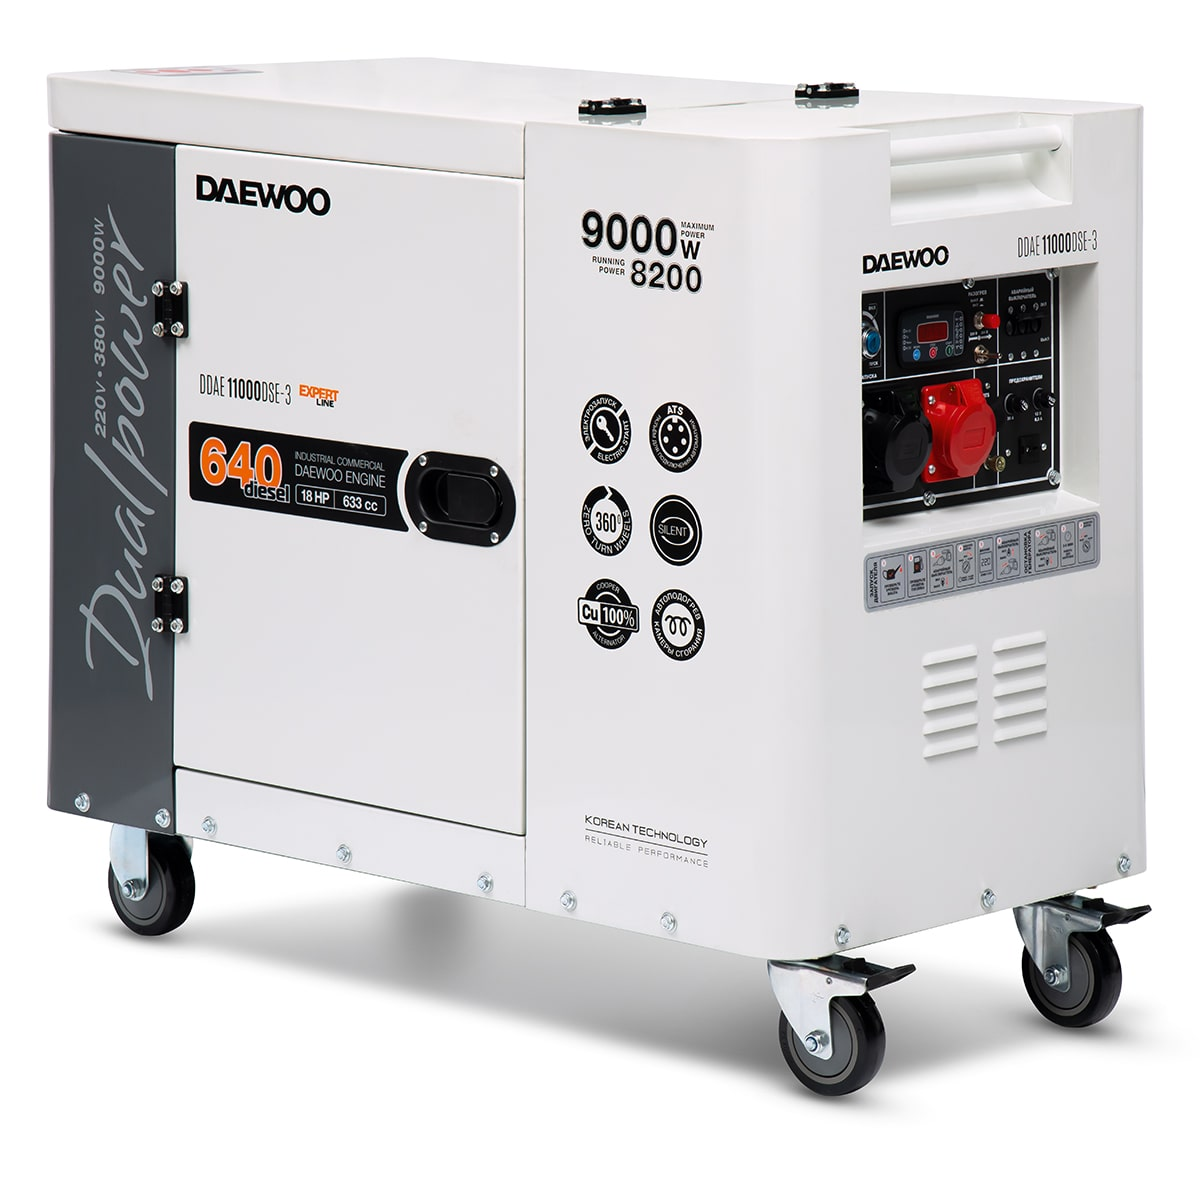 дизельная электростанция daewoo ddae 11000dse-3